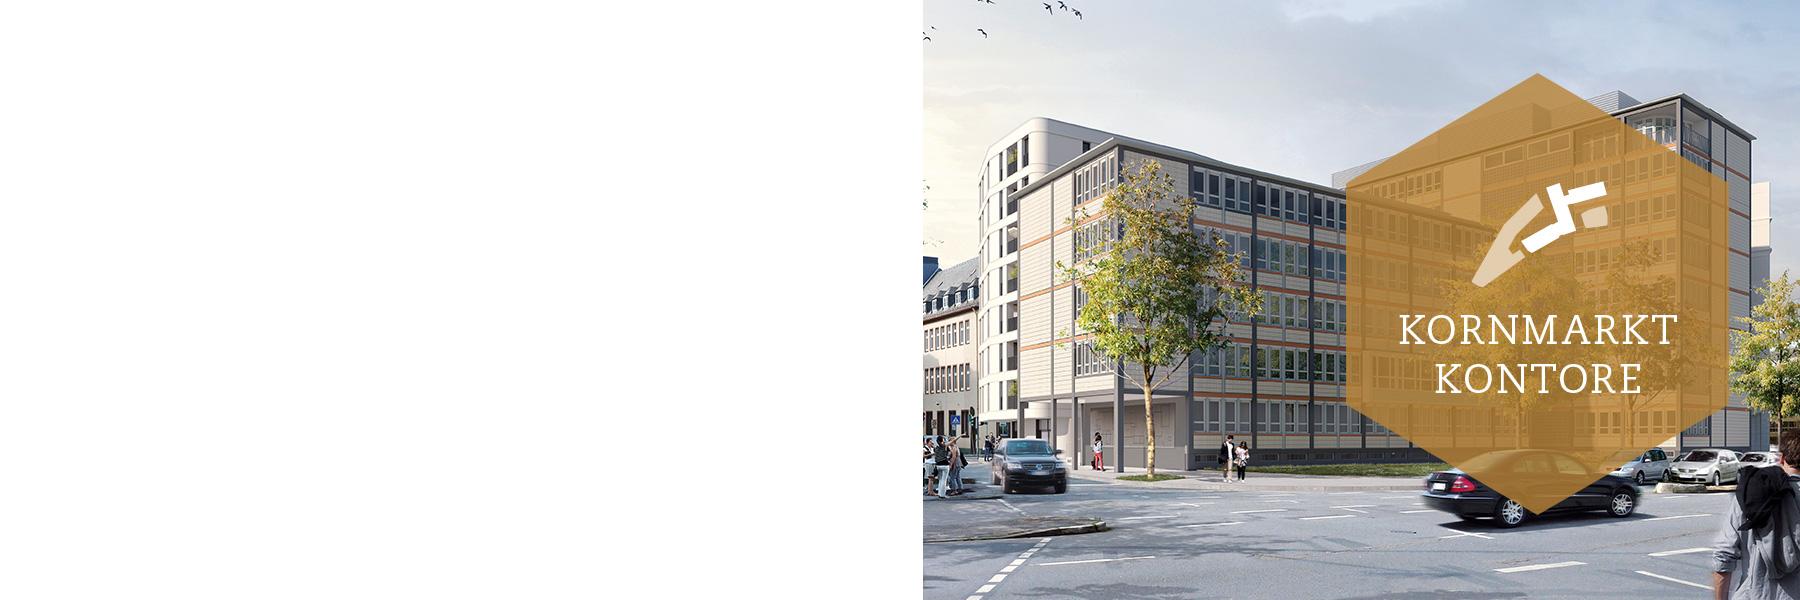 Kornmarkt Arkaden Frankfurt – Kontore